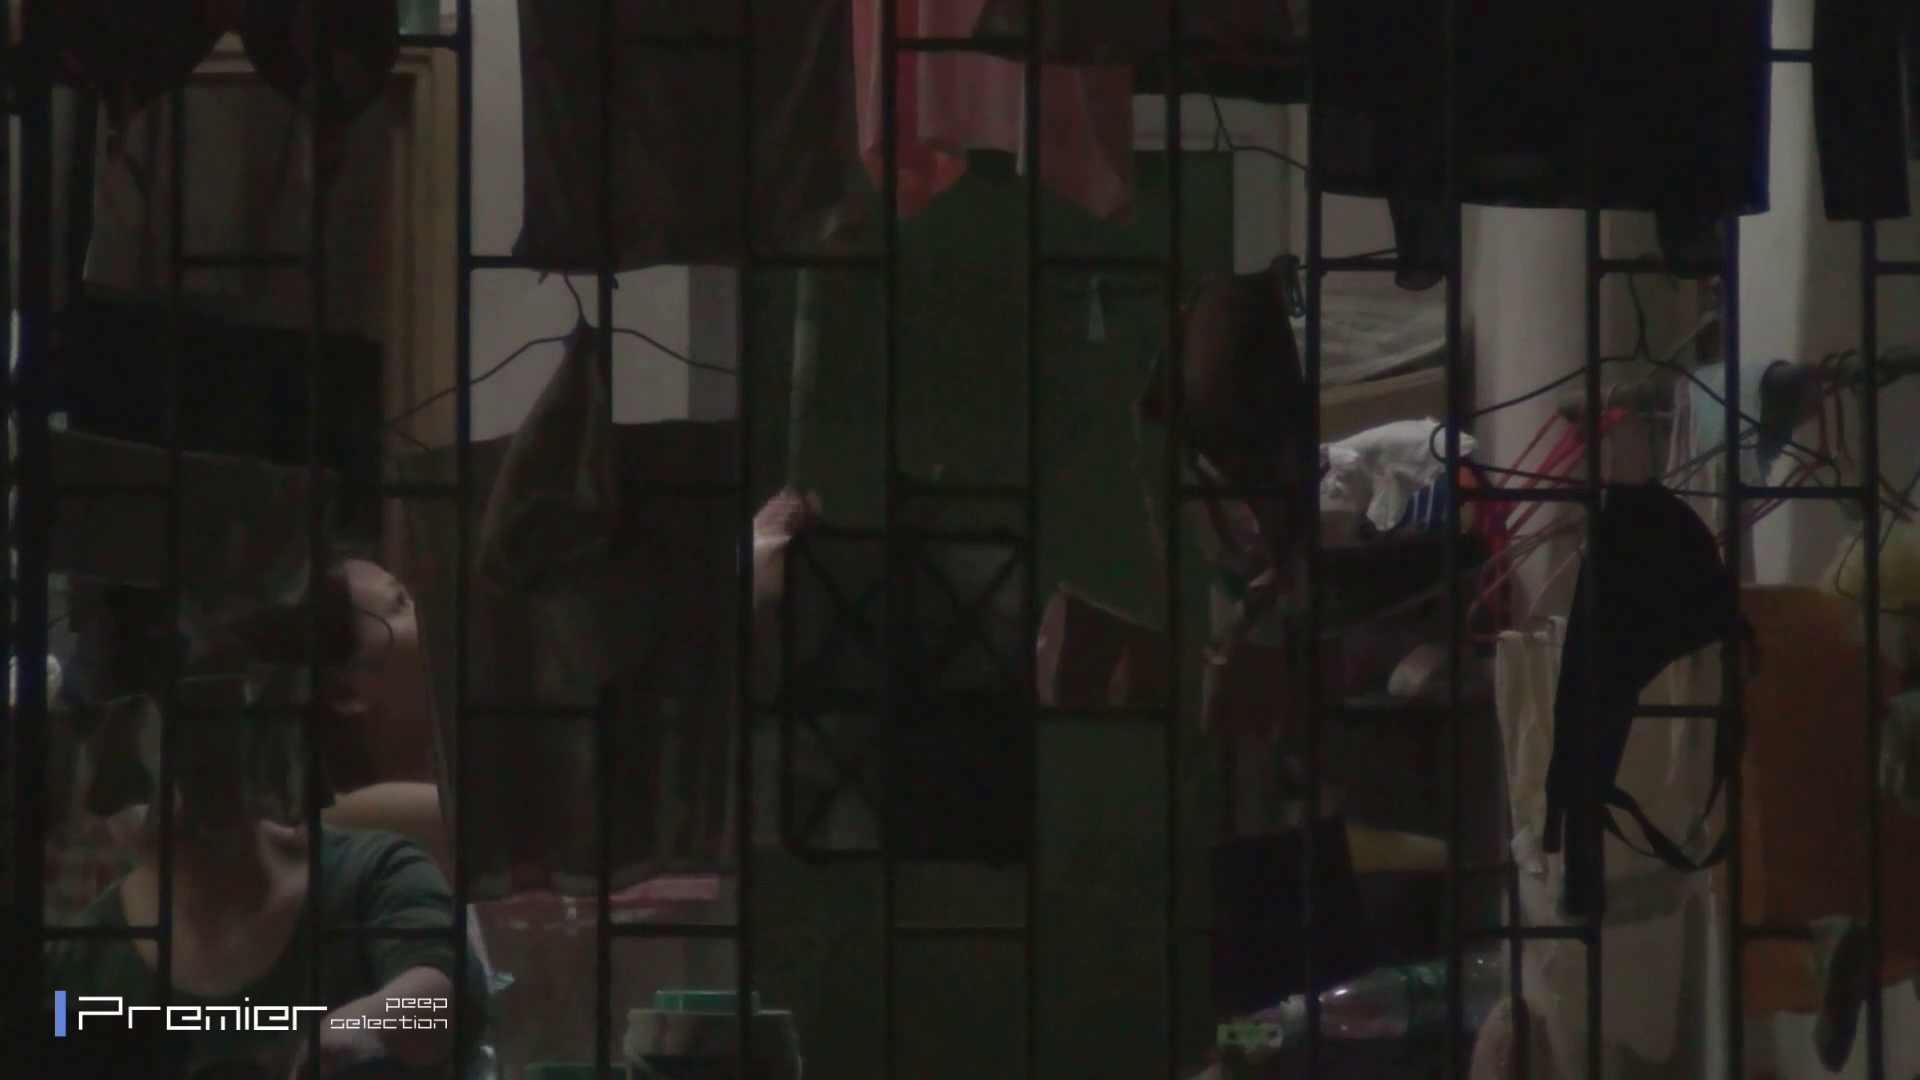 美女の痴態に密着!洗濯物を干す女 Vol.07 美女H映像 | 洗面所  29画像 19